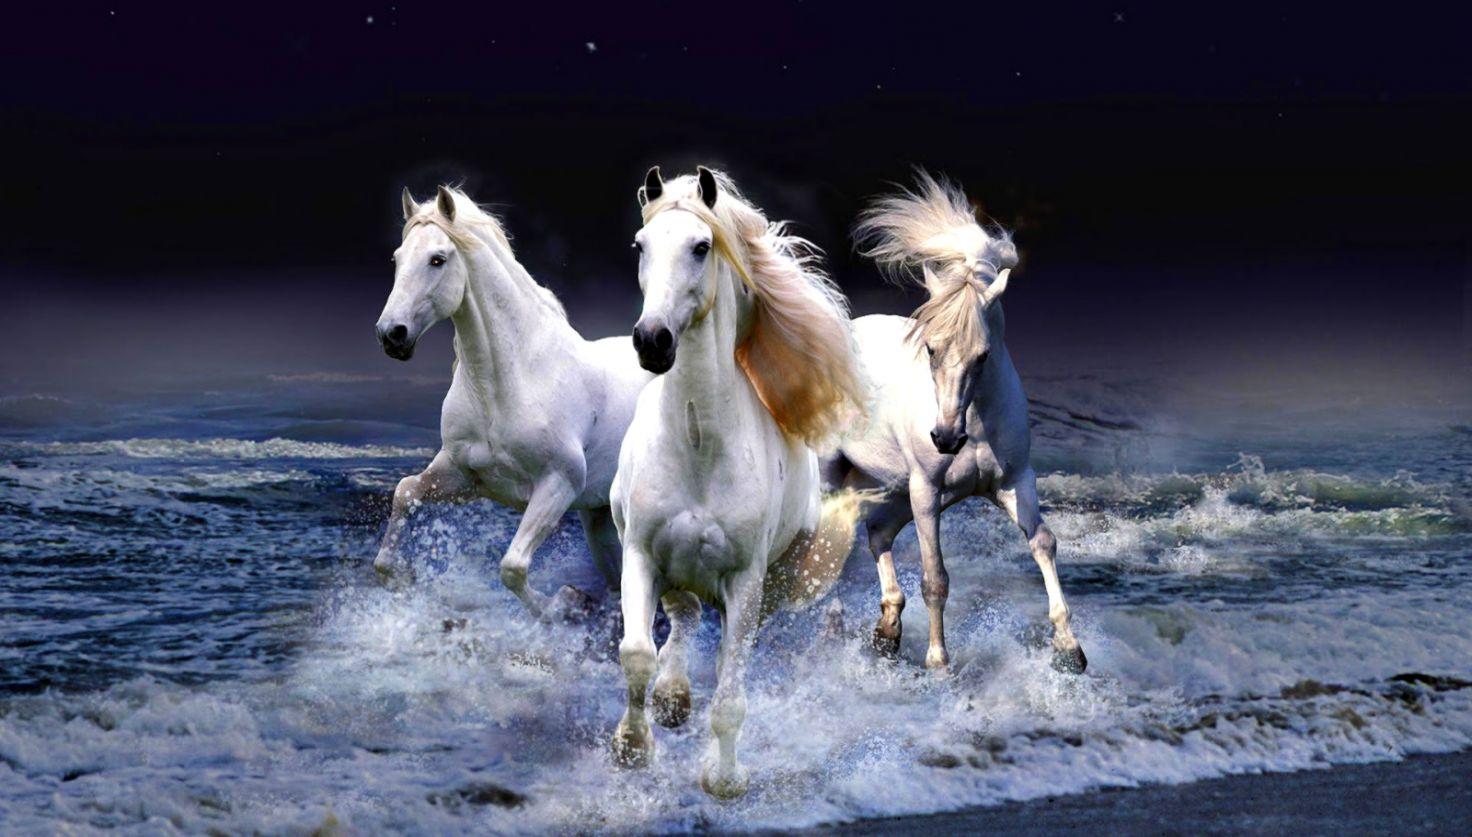 Running Horses Wallpaper Hd Wallpapers Legend